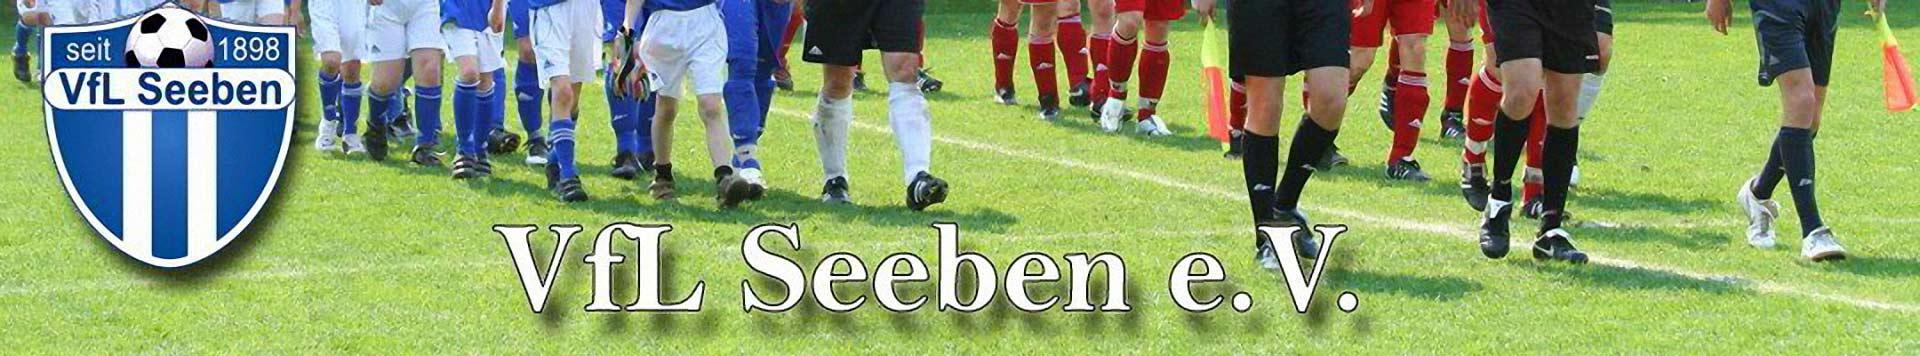 VfL Seeben